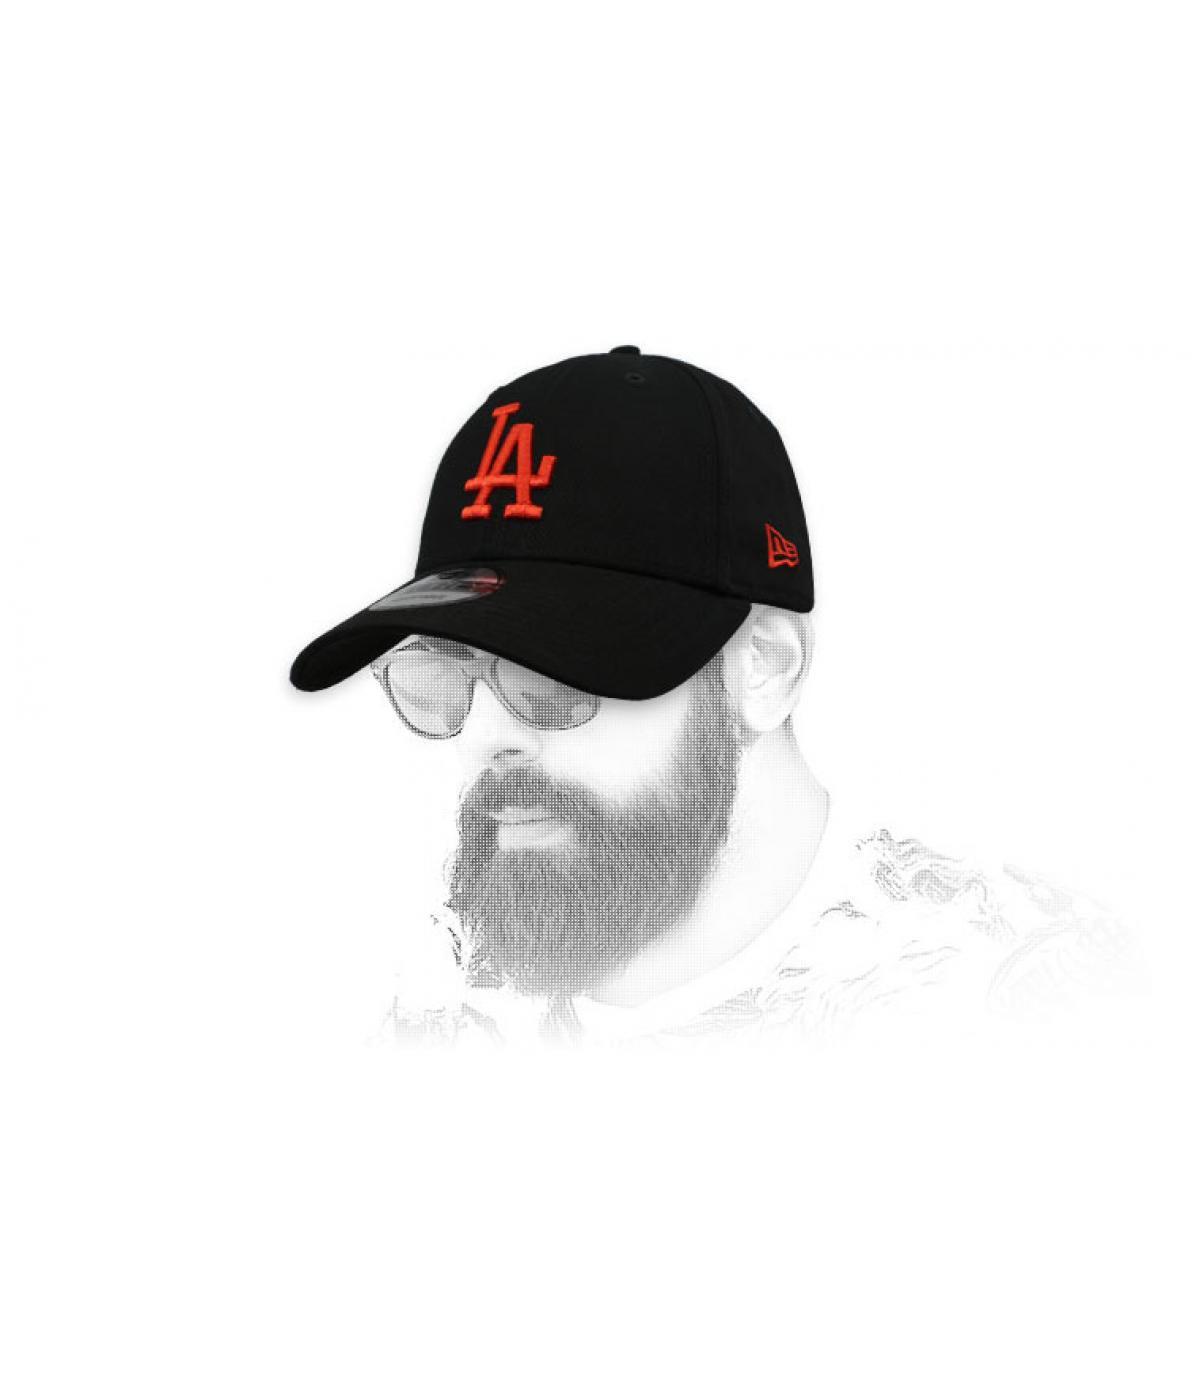 gorra LA negro rojo